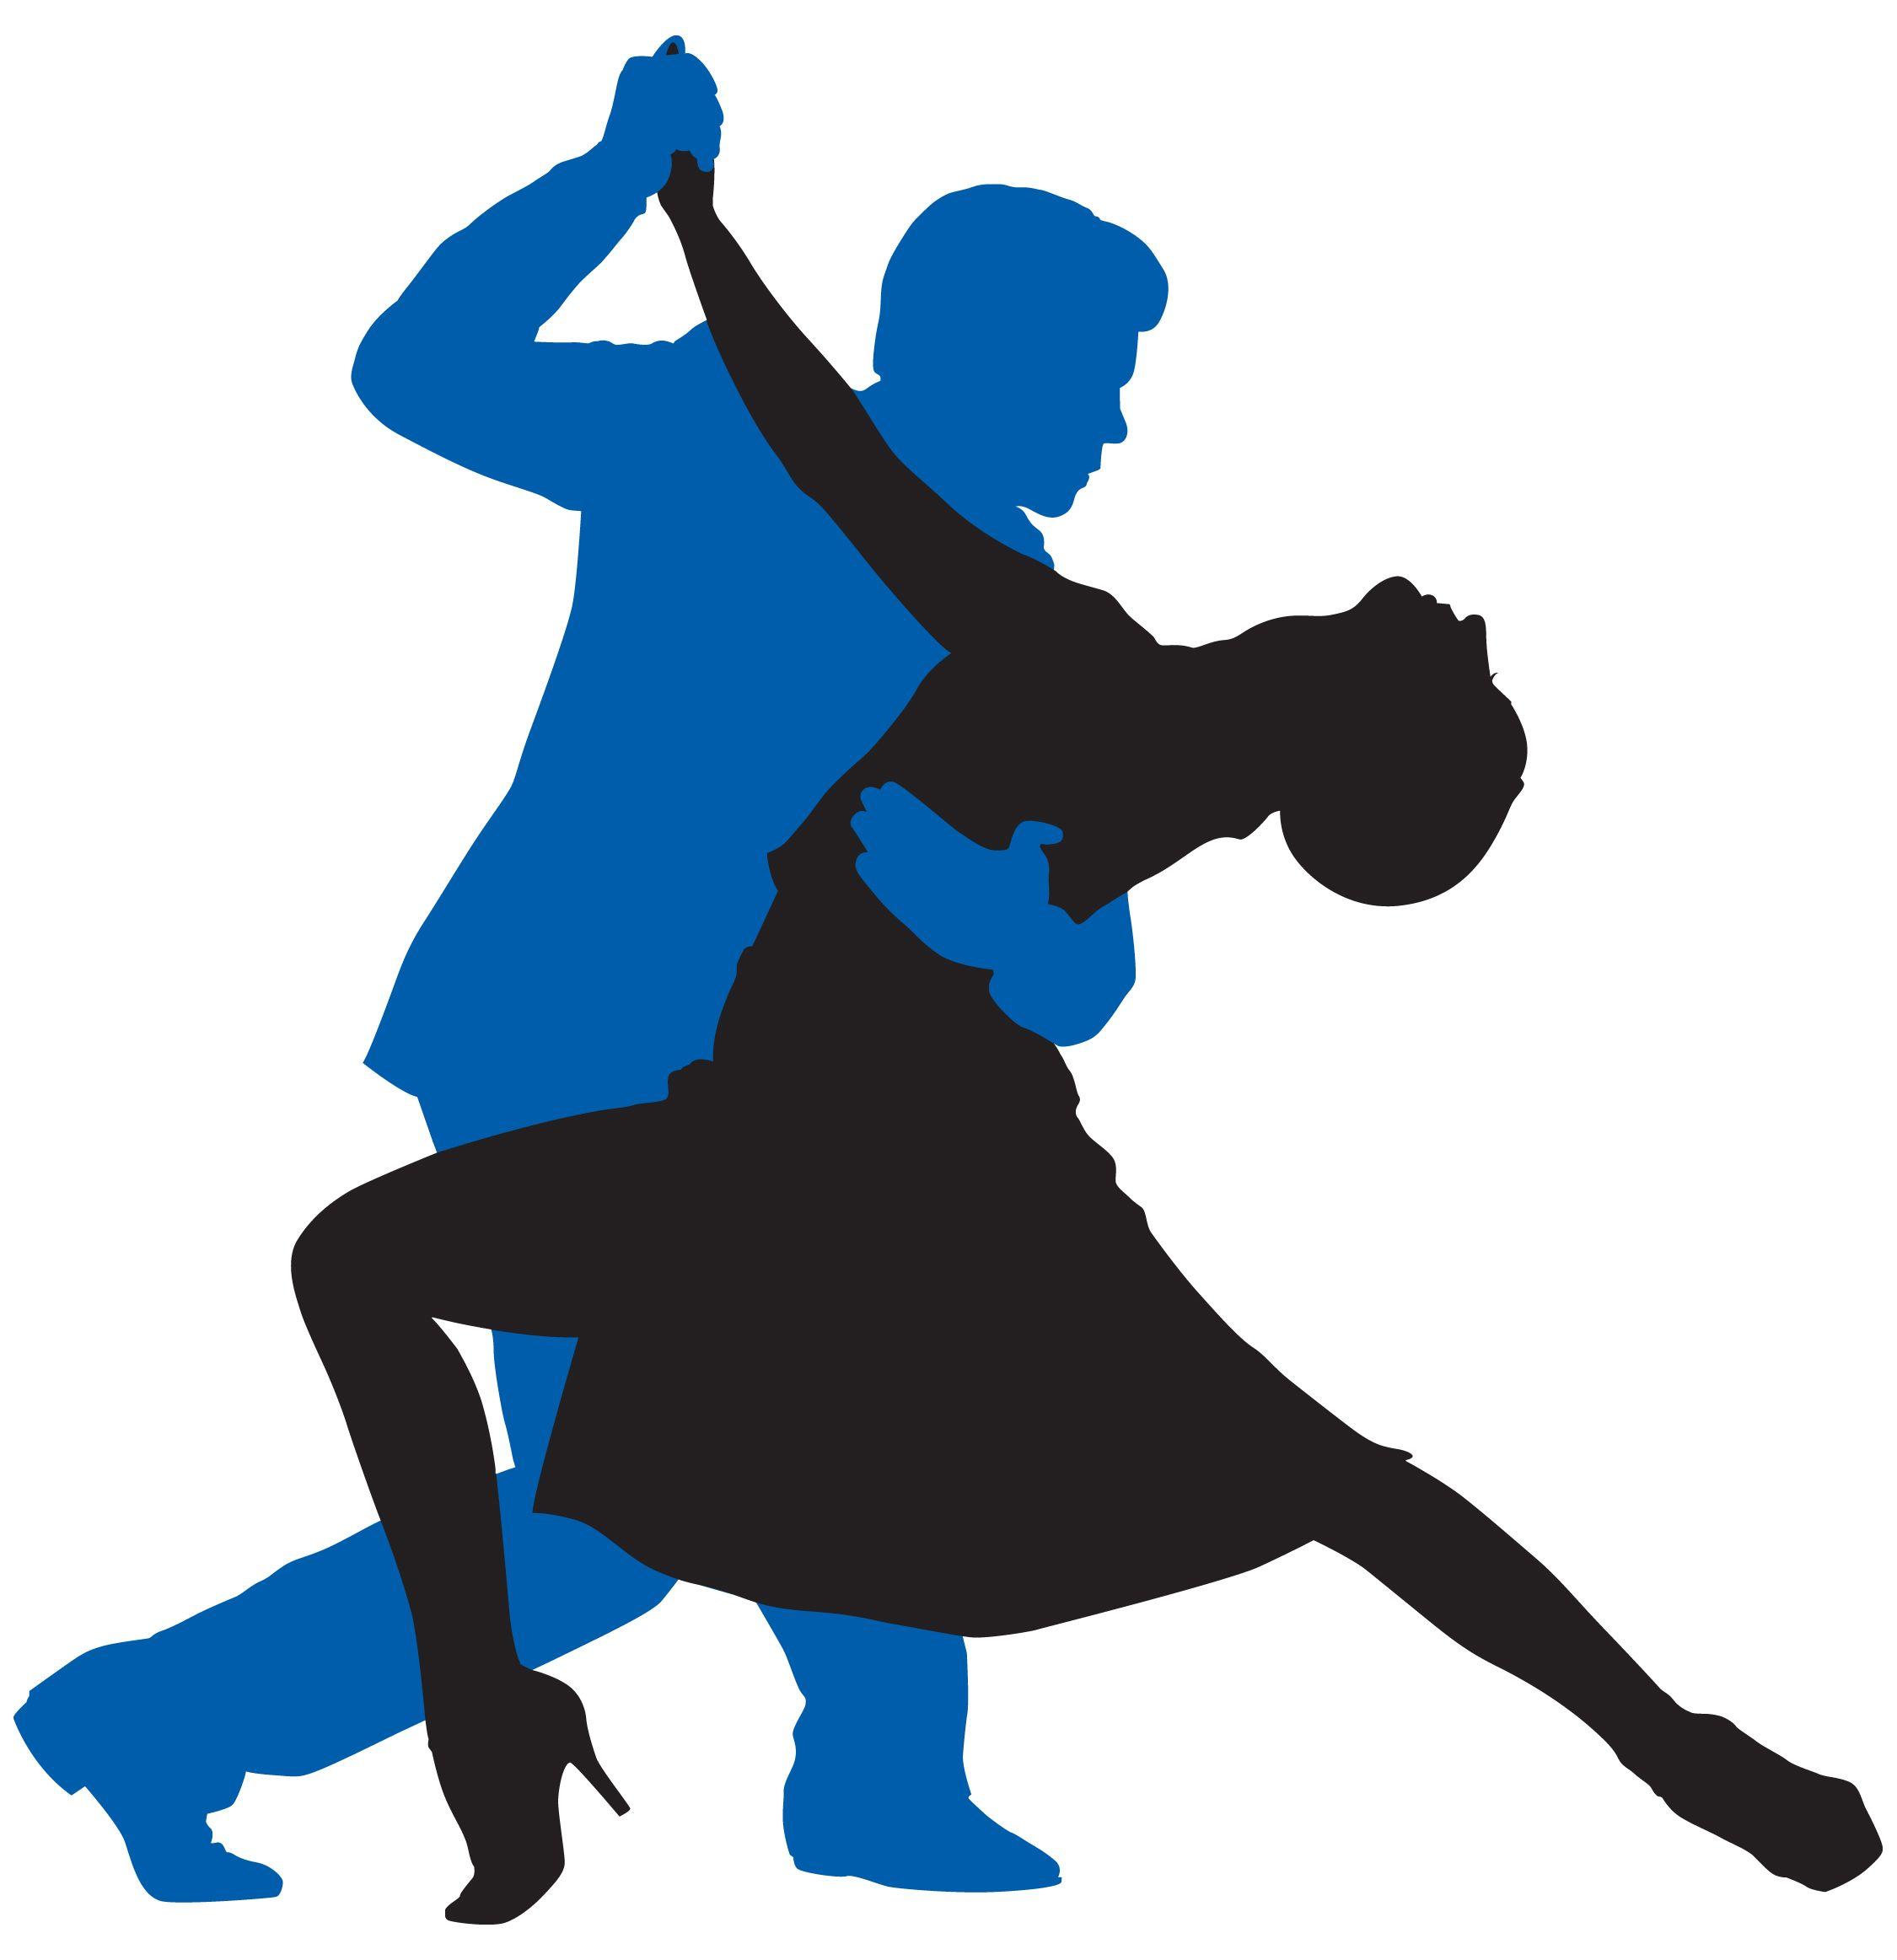 Dancefloor: Men Lead, Ladies Follow.